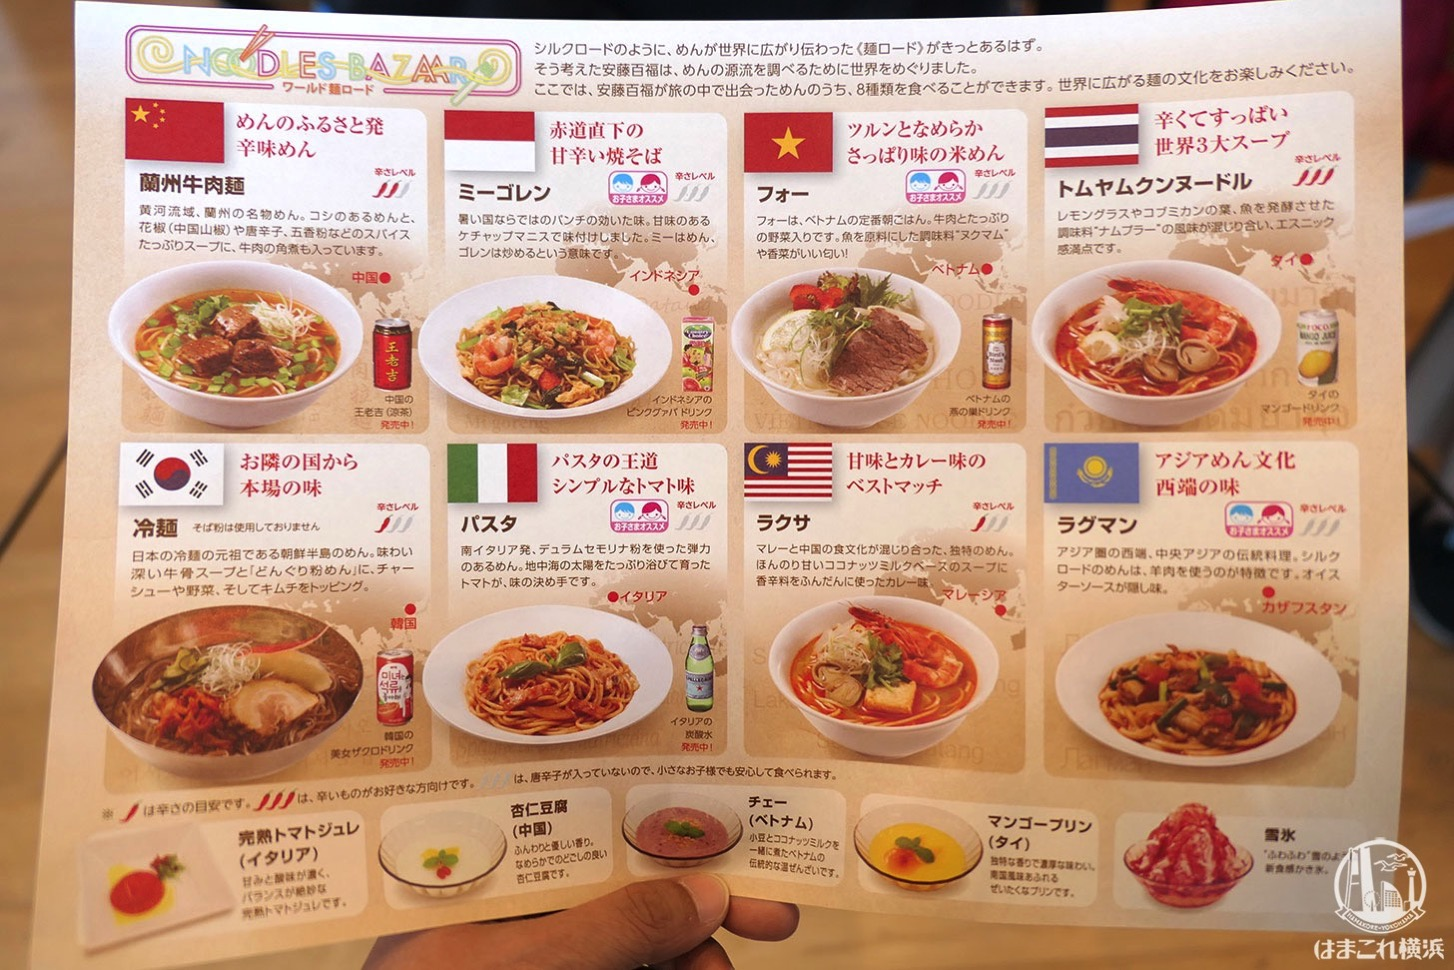 ヌードルバザール ワールド麺ロード メニュー